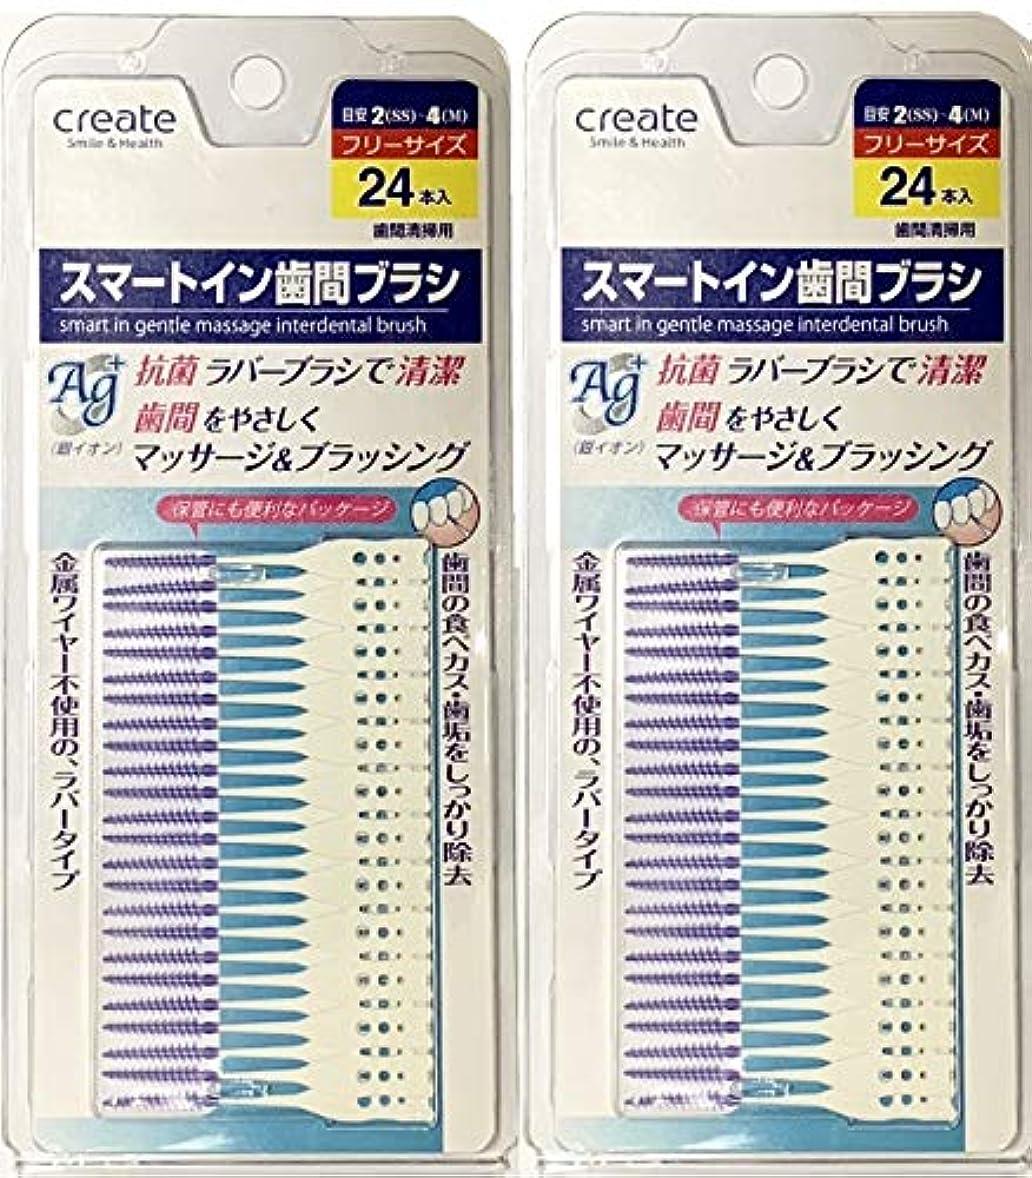 トライアスロンカスタム男やもめ【まとめ買い】スマートイン歯間ブラシ 24本入り 2セット (計48本)